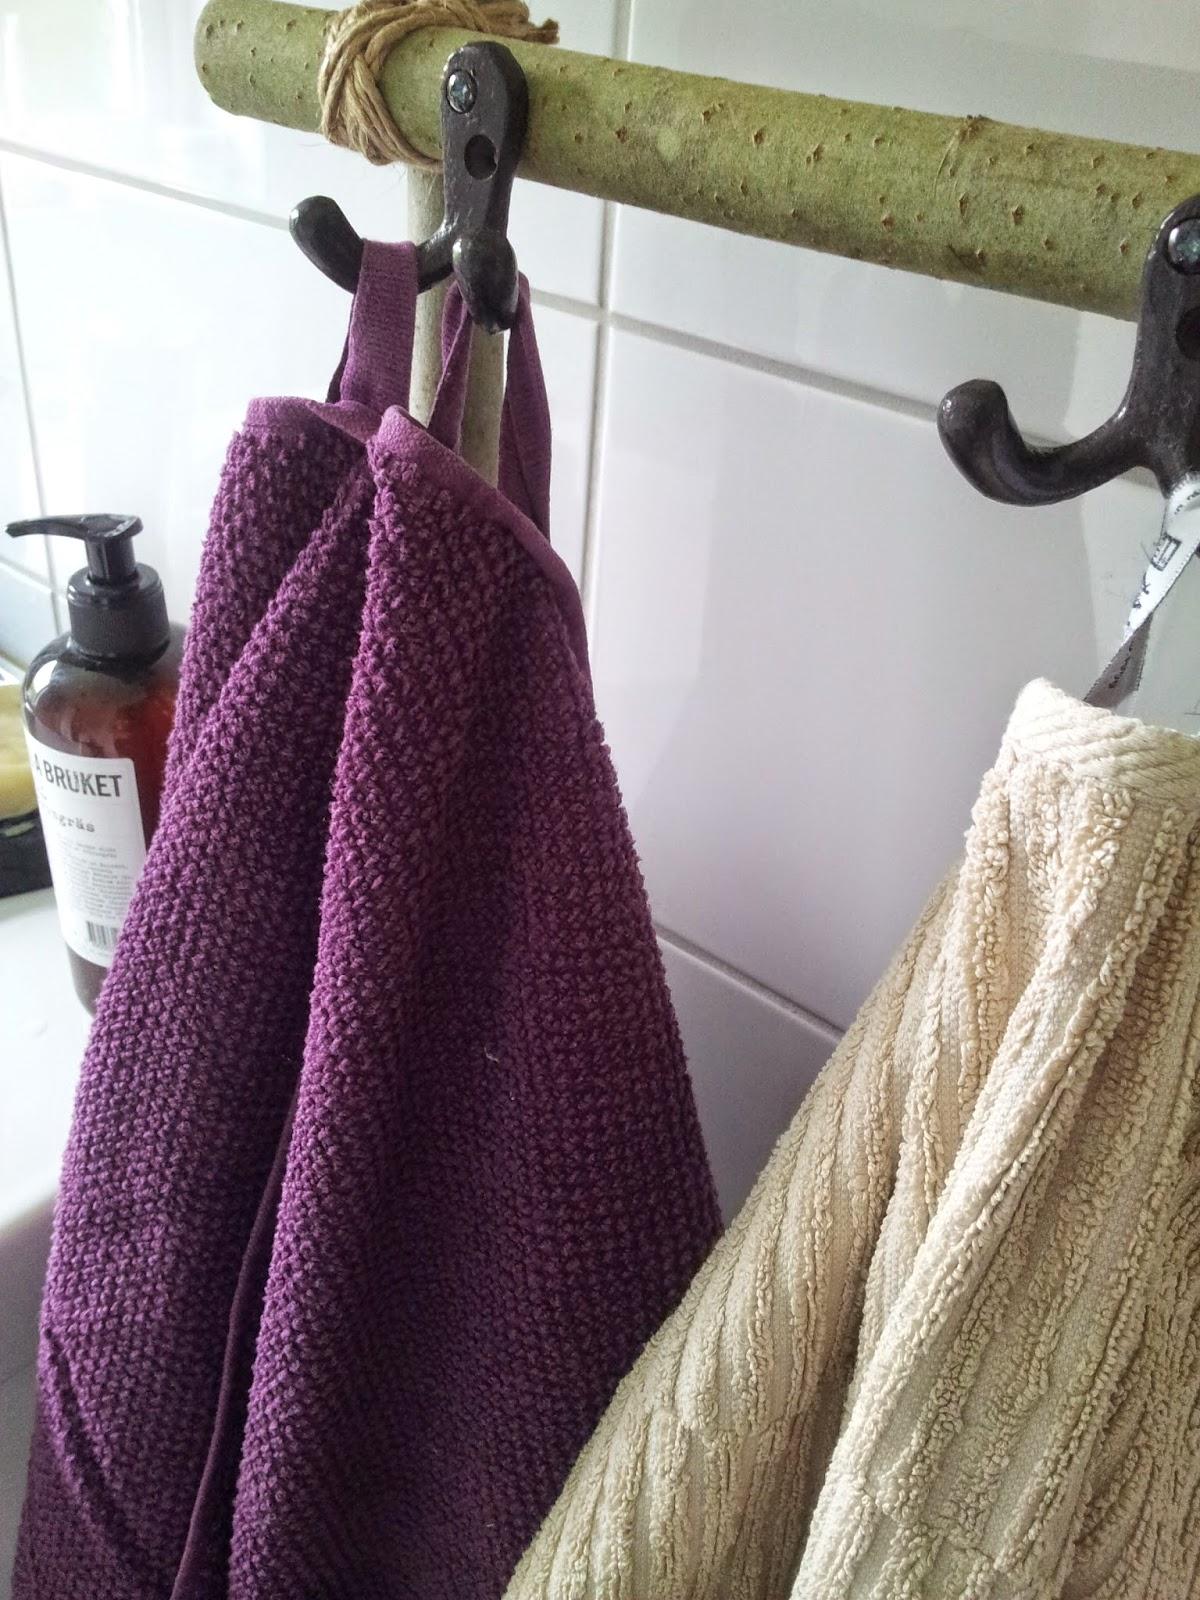 Lottas skaparkraft: handdukar på stege i badrummet